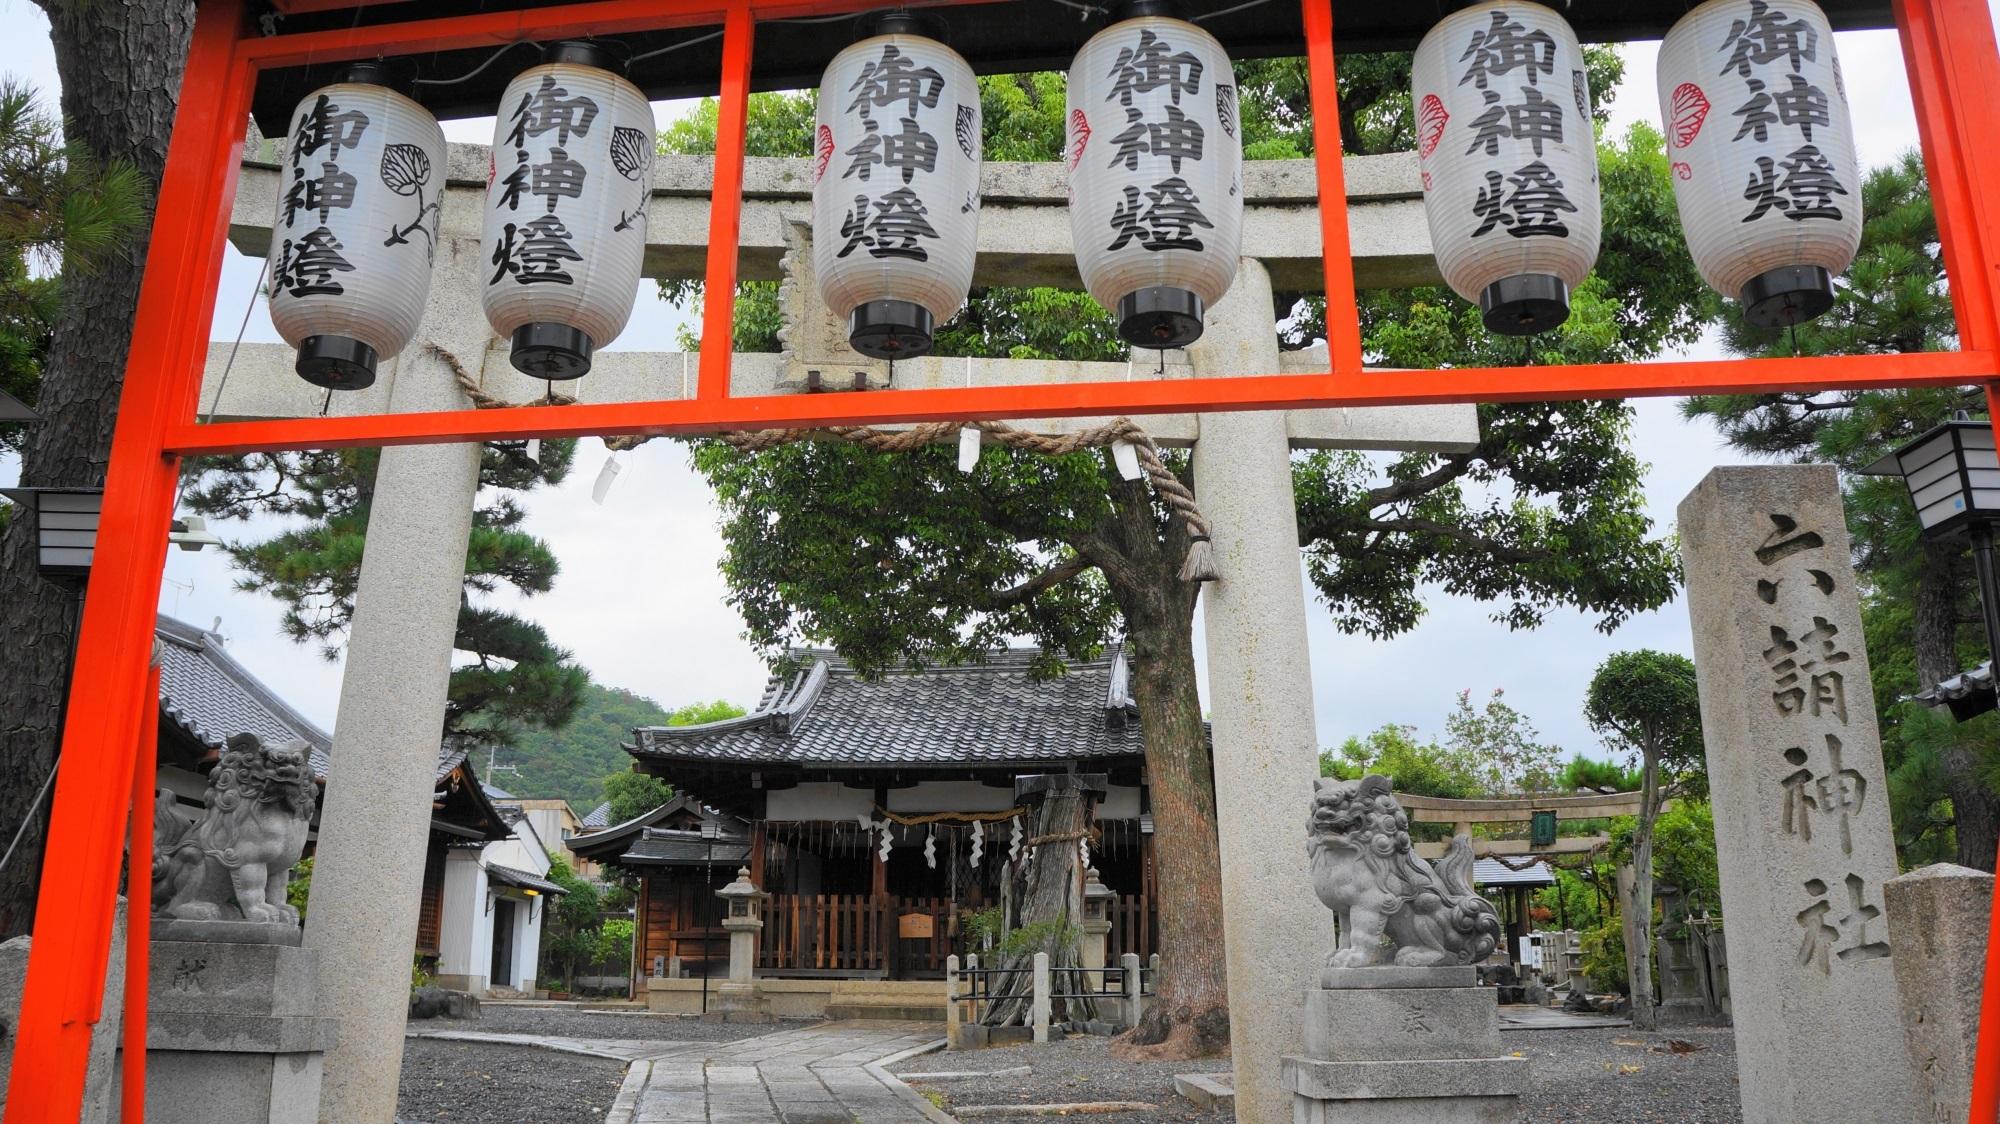 六請神社(ろくしょうじんじゃ)